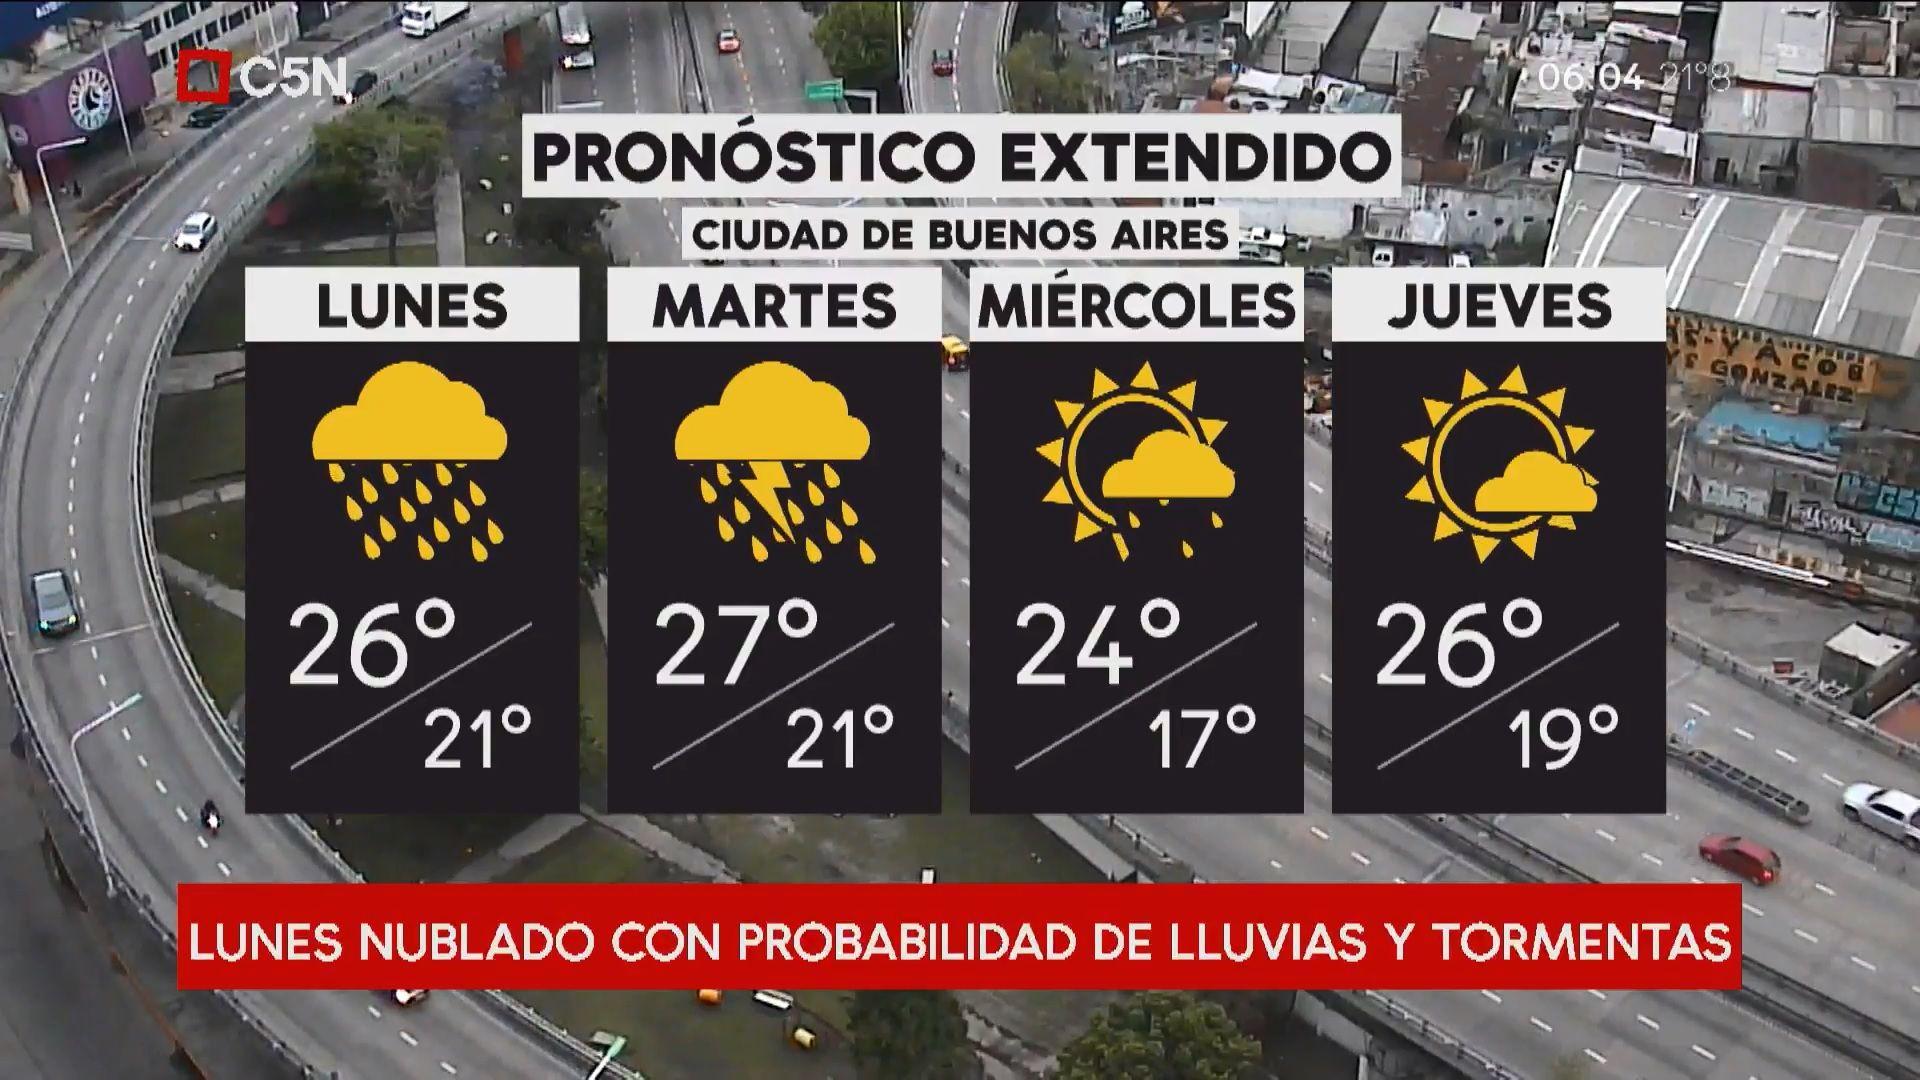 Pronóstico del tiempo de lunes 12 de noviembre de 2018